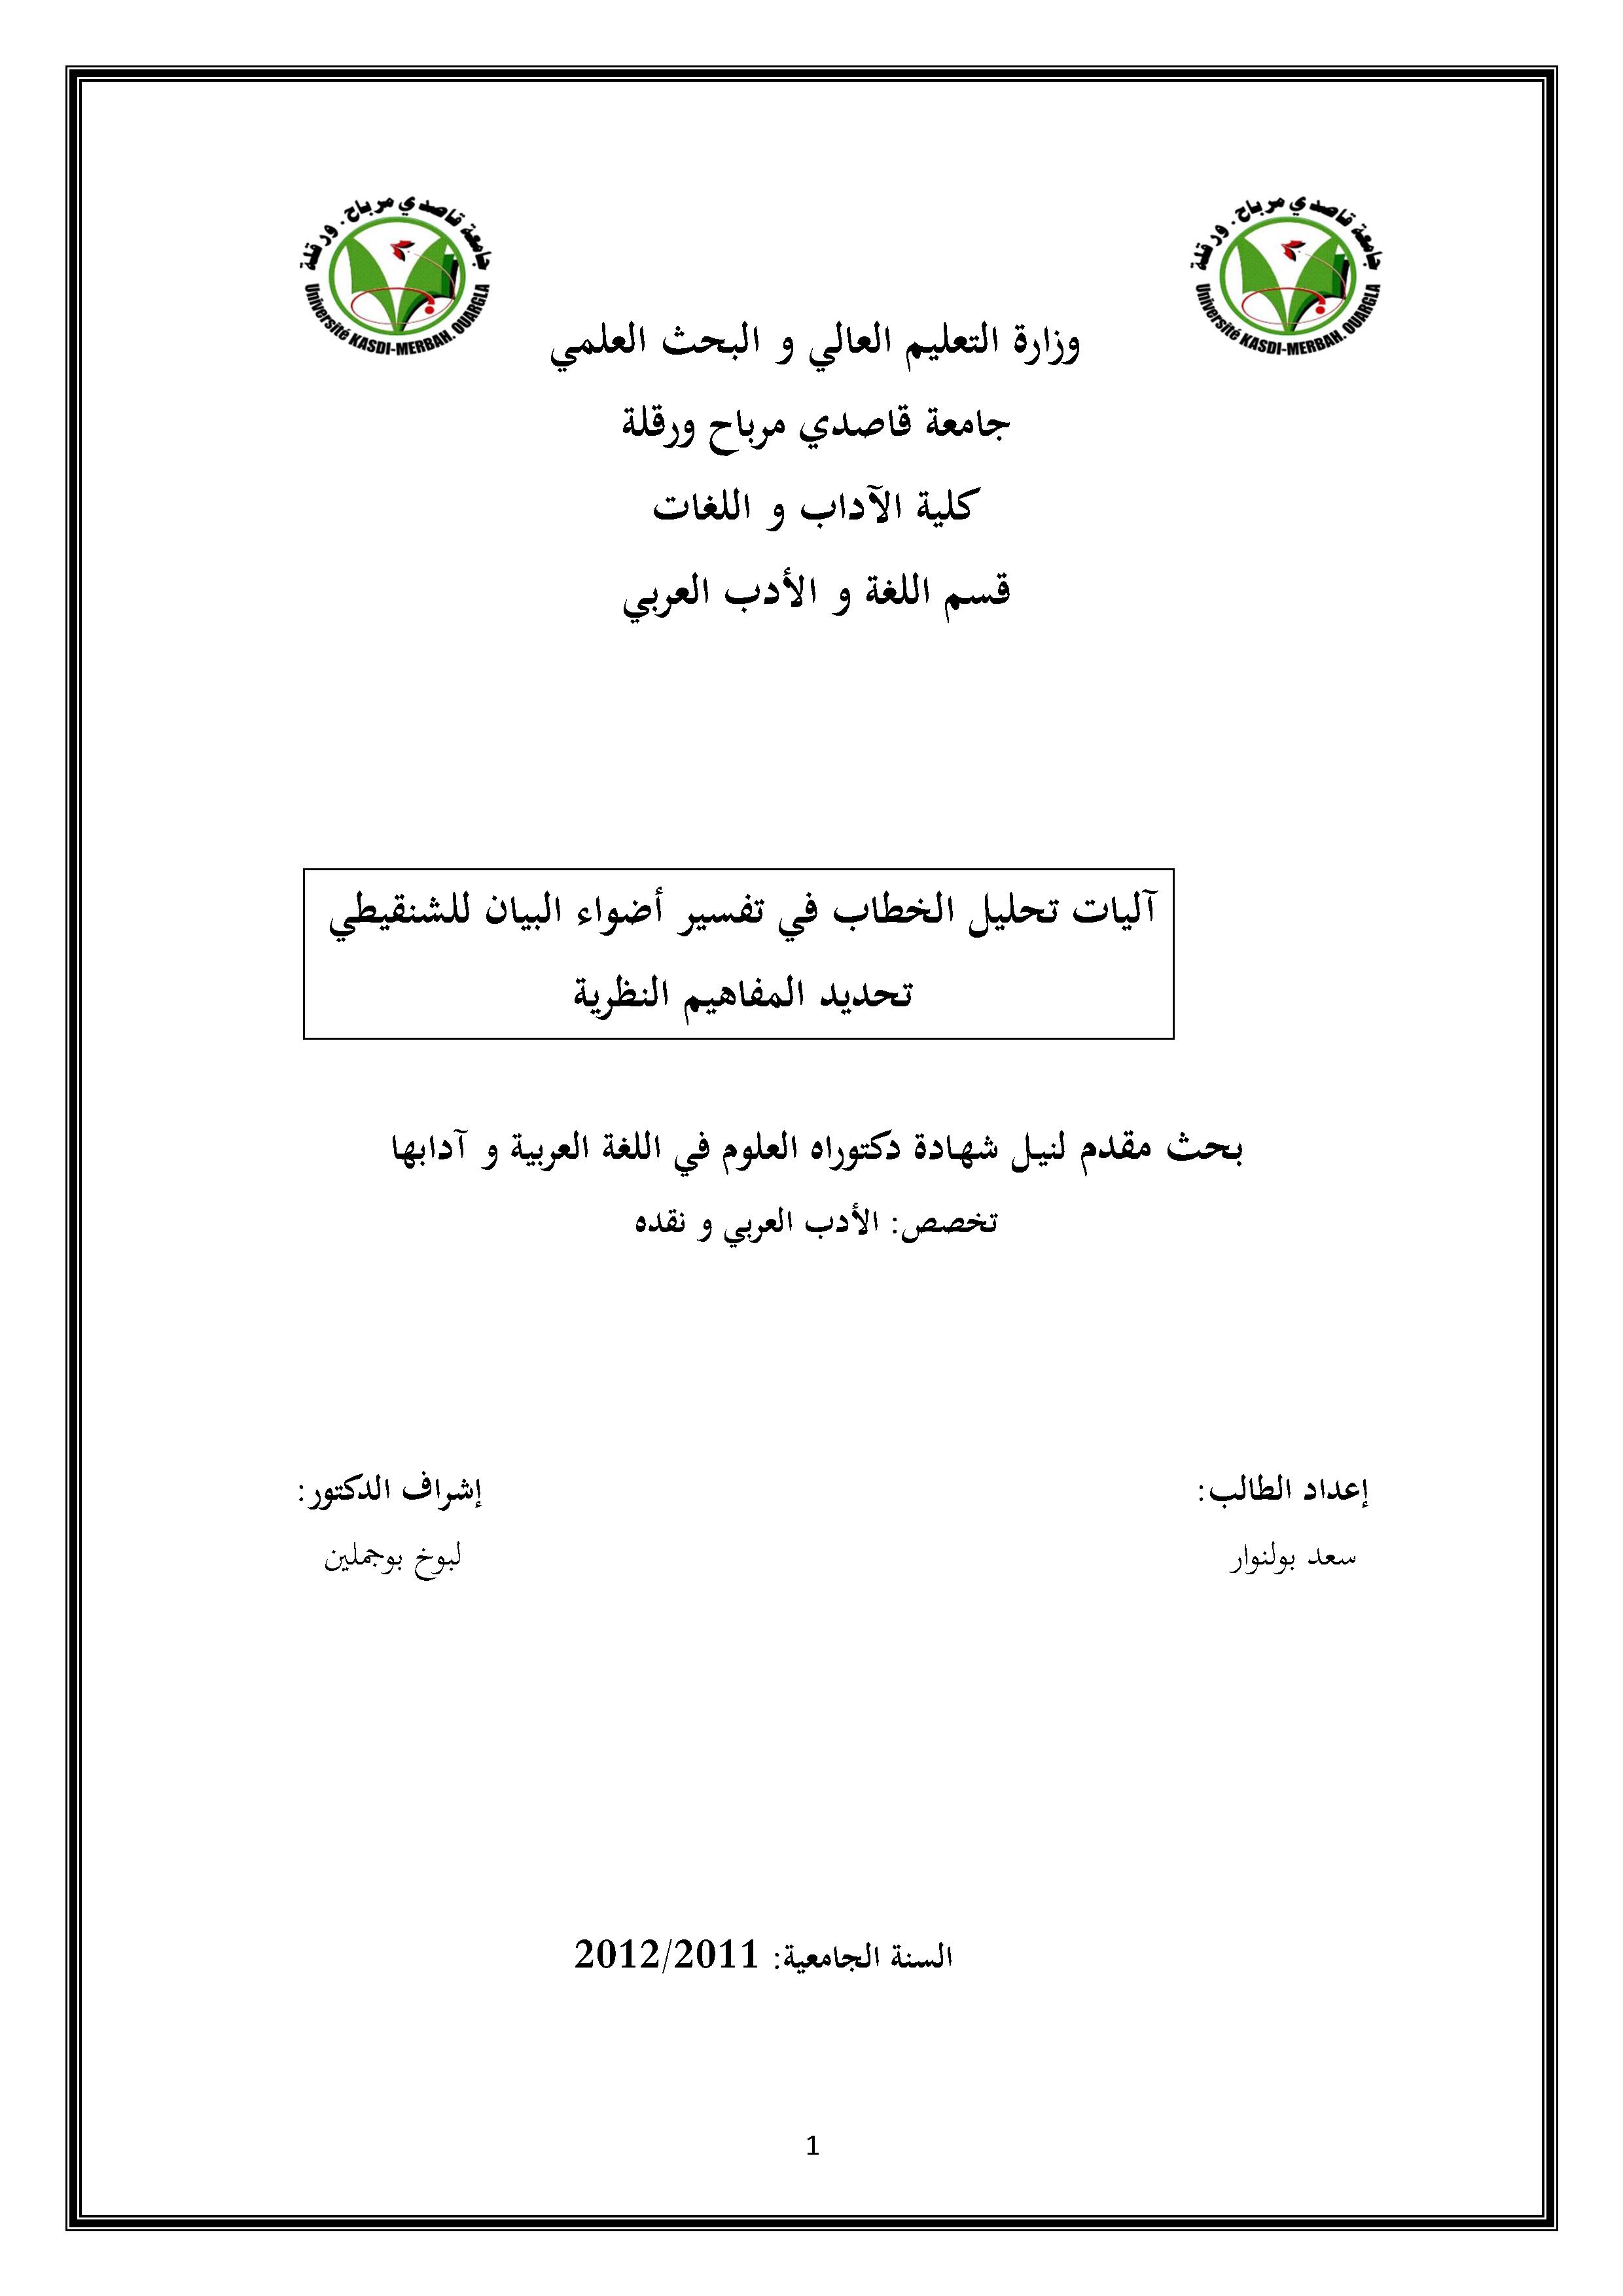 تحميل كتاب تفسير أضواء البيان للشنقيطي pdf